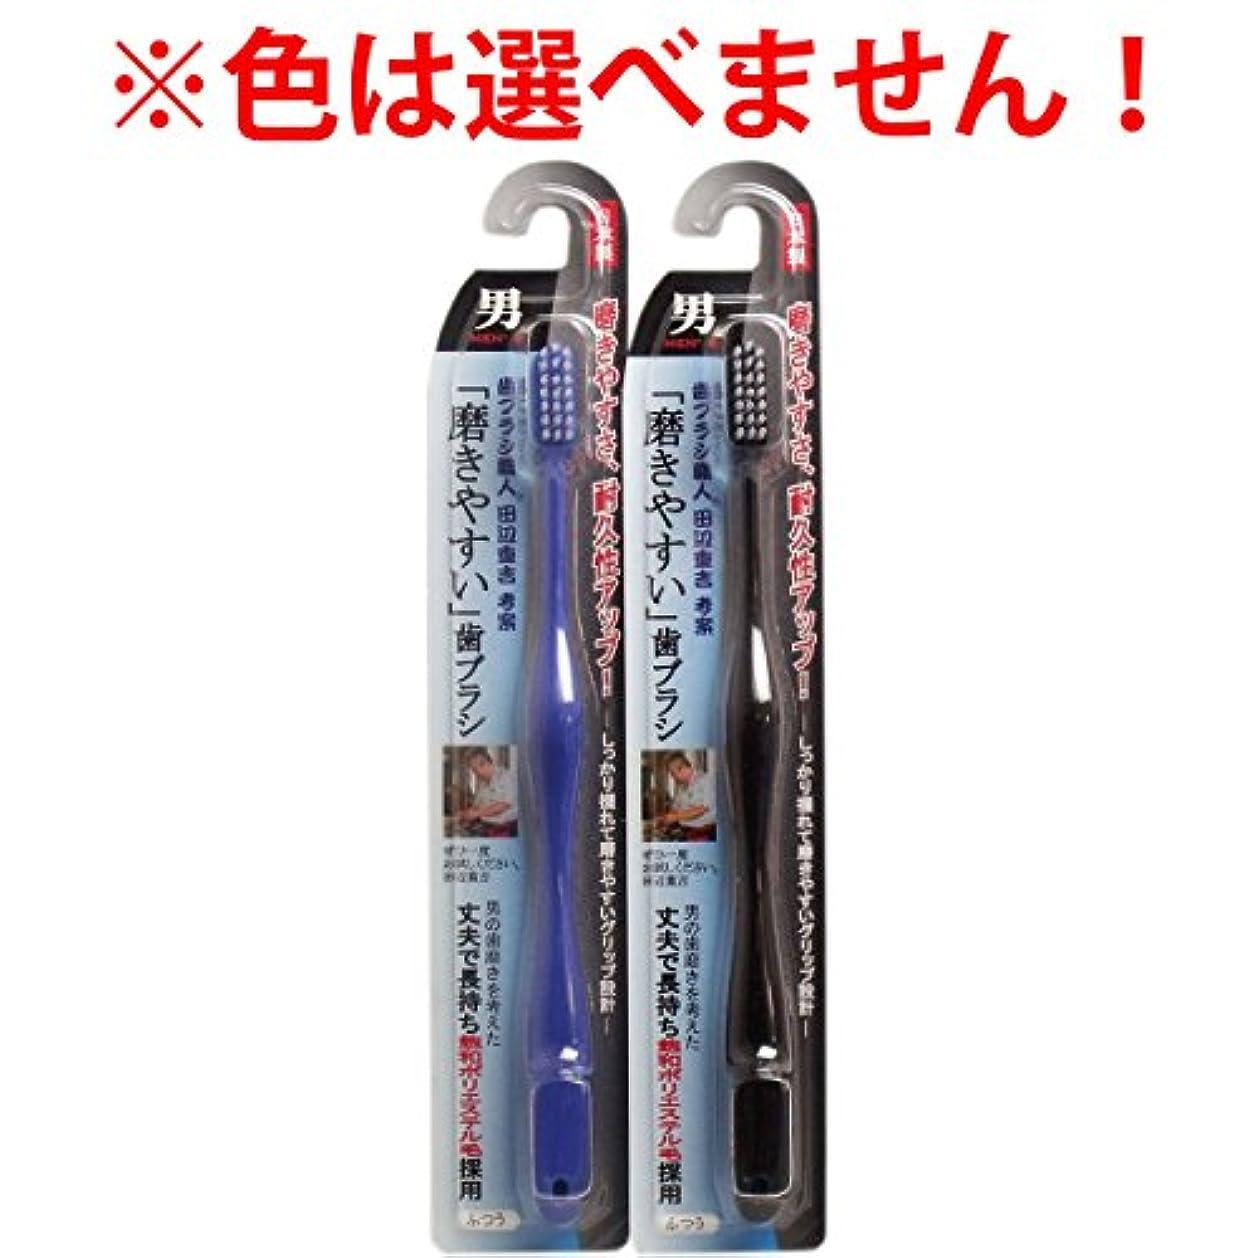 同種の静める力ライフレンジ 「磨きやすい」歯ブラシ男 LT-08 1本